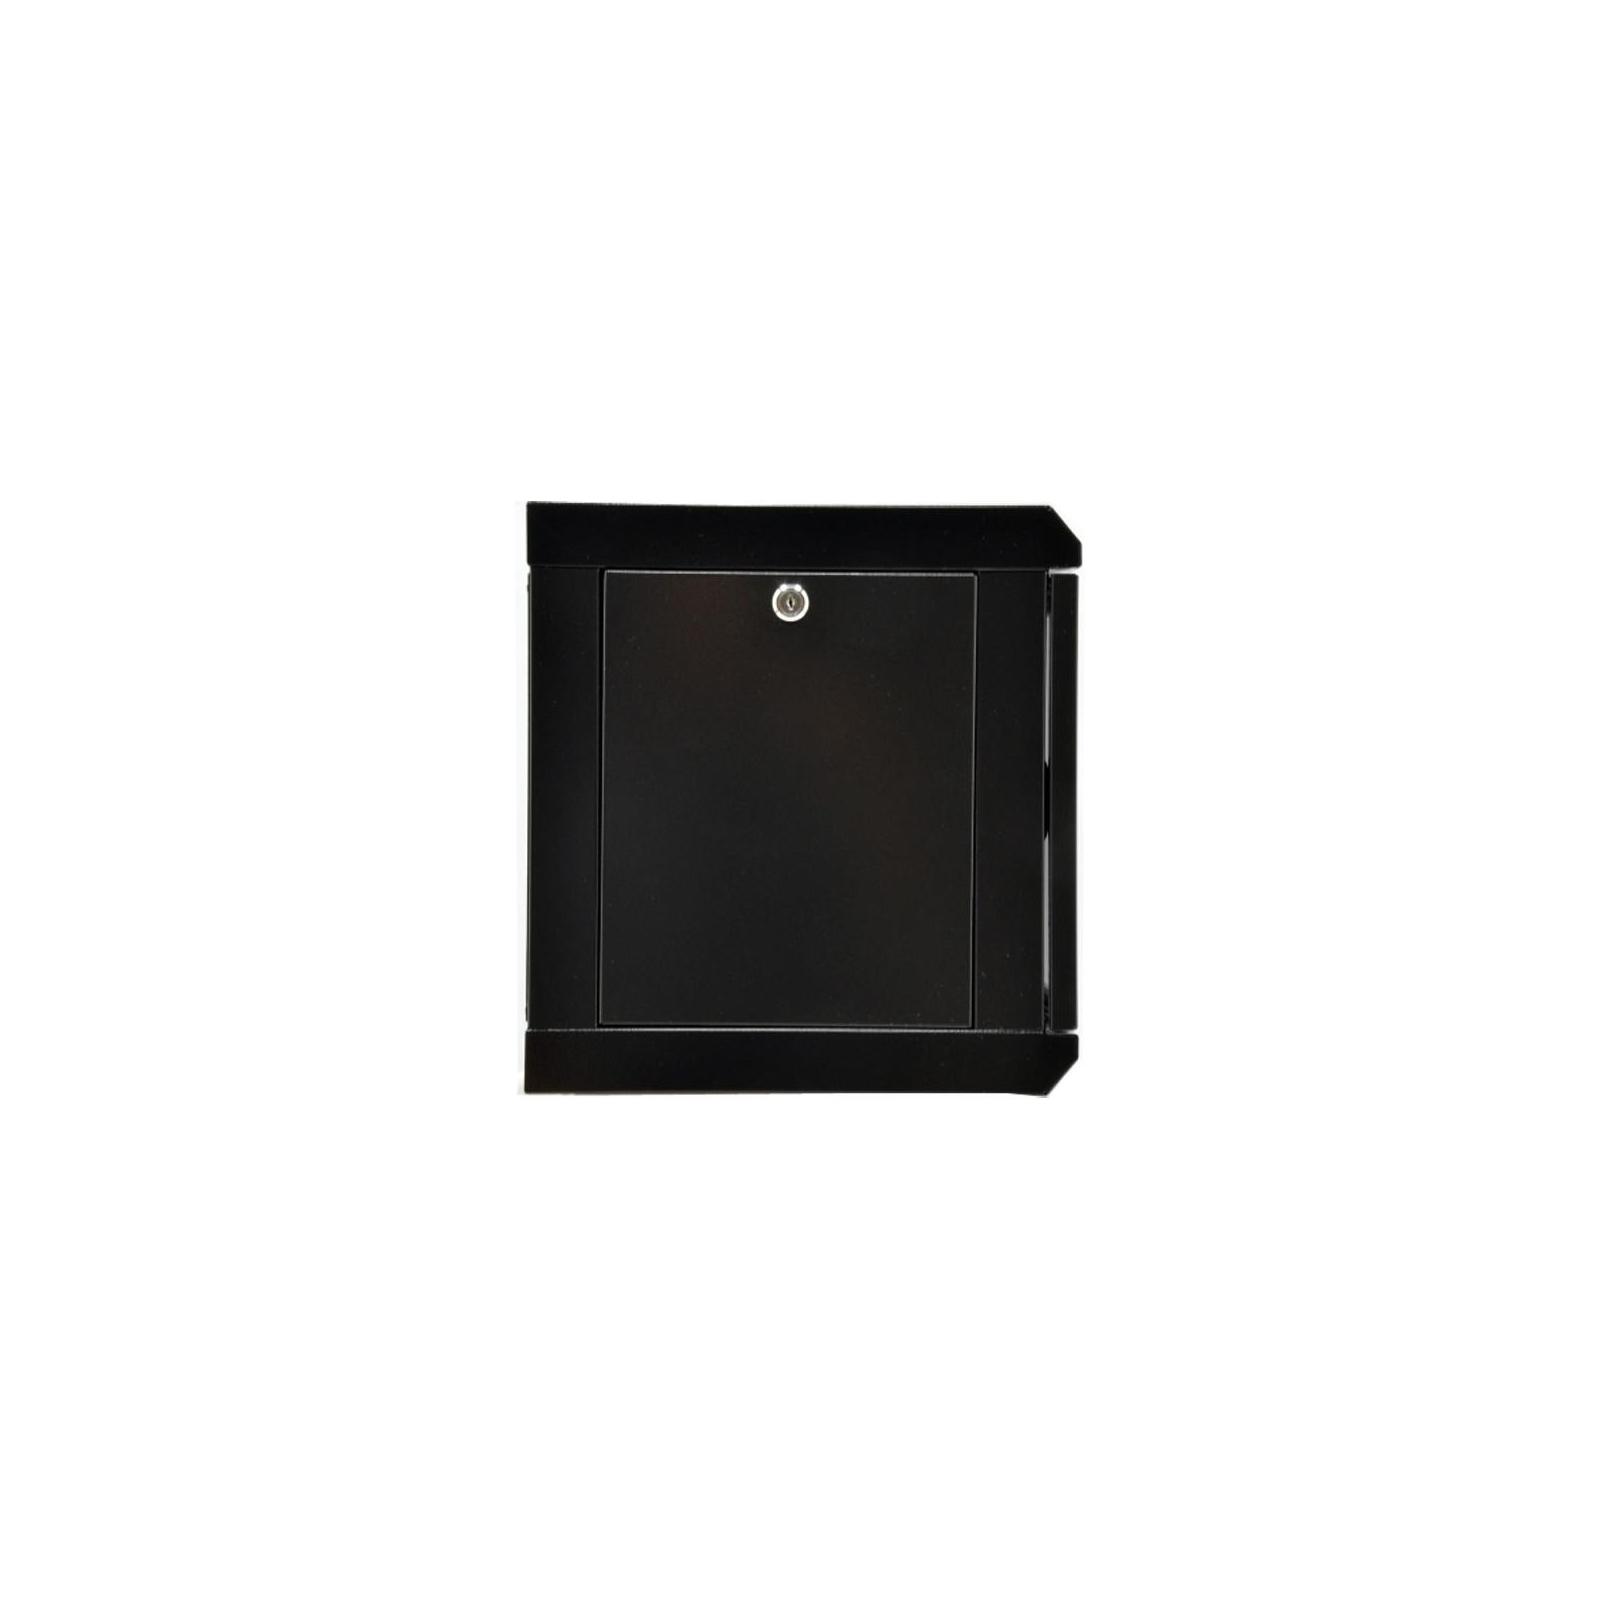 Шкаф настенный CMS 6U 600*350*373mm (UA-MGSWL635B) изображение 2